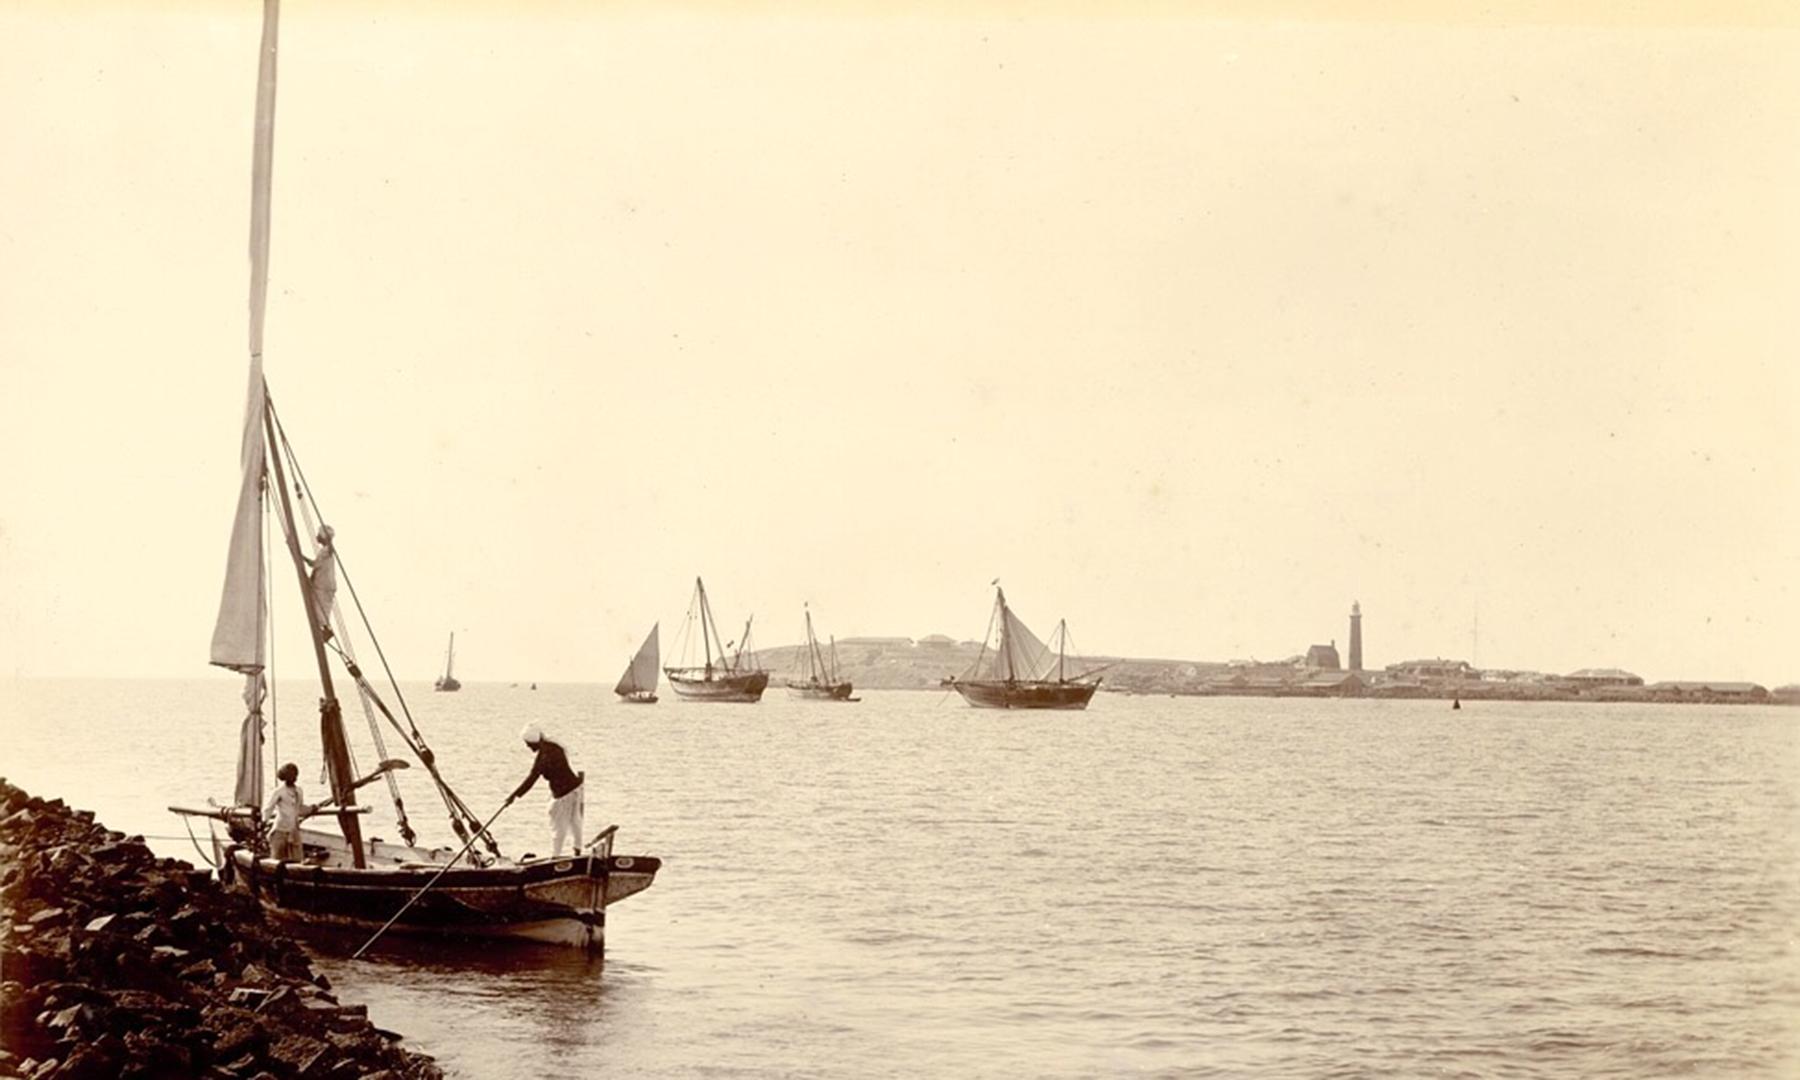 1890ء کی دہائی میں کراچی بندرگاہ، پس منظر میں منوڑہ لائٹ ہاؤس دیکھا جاسکتا ہے